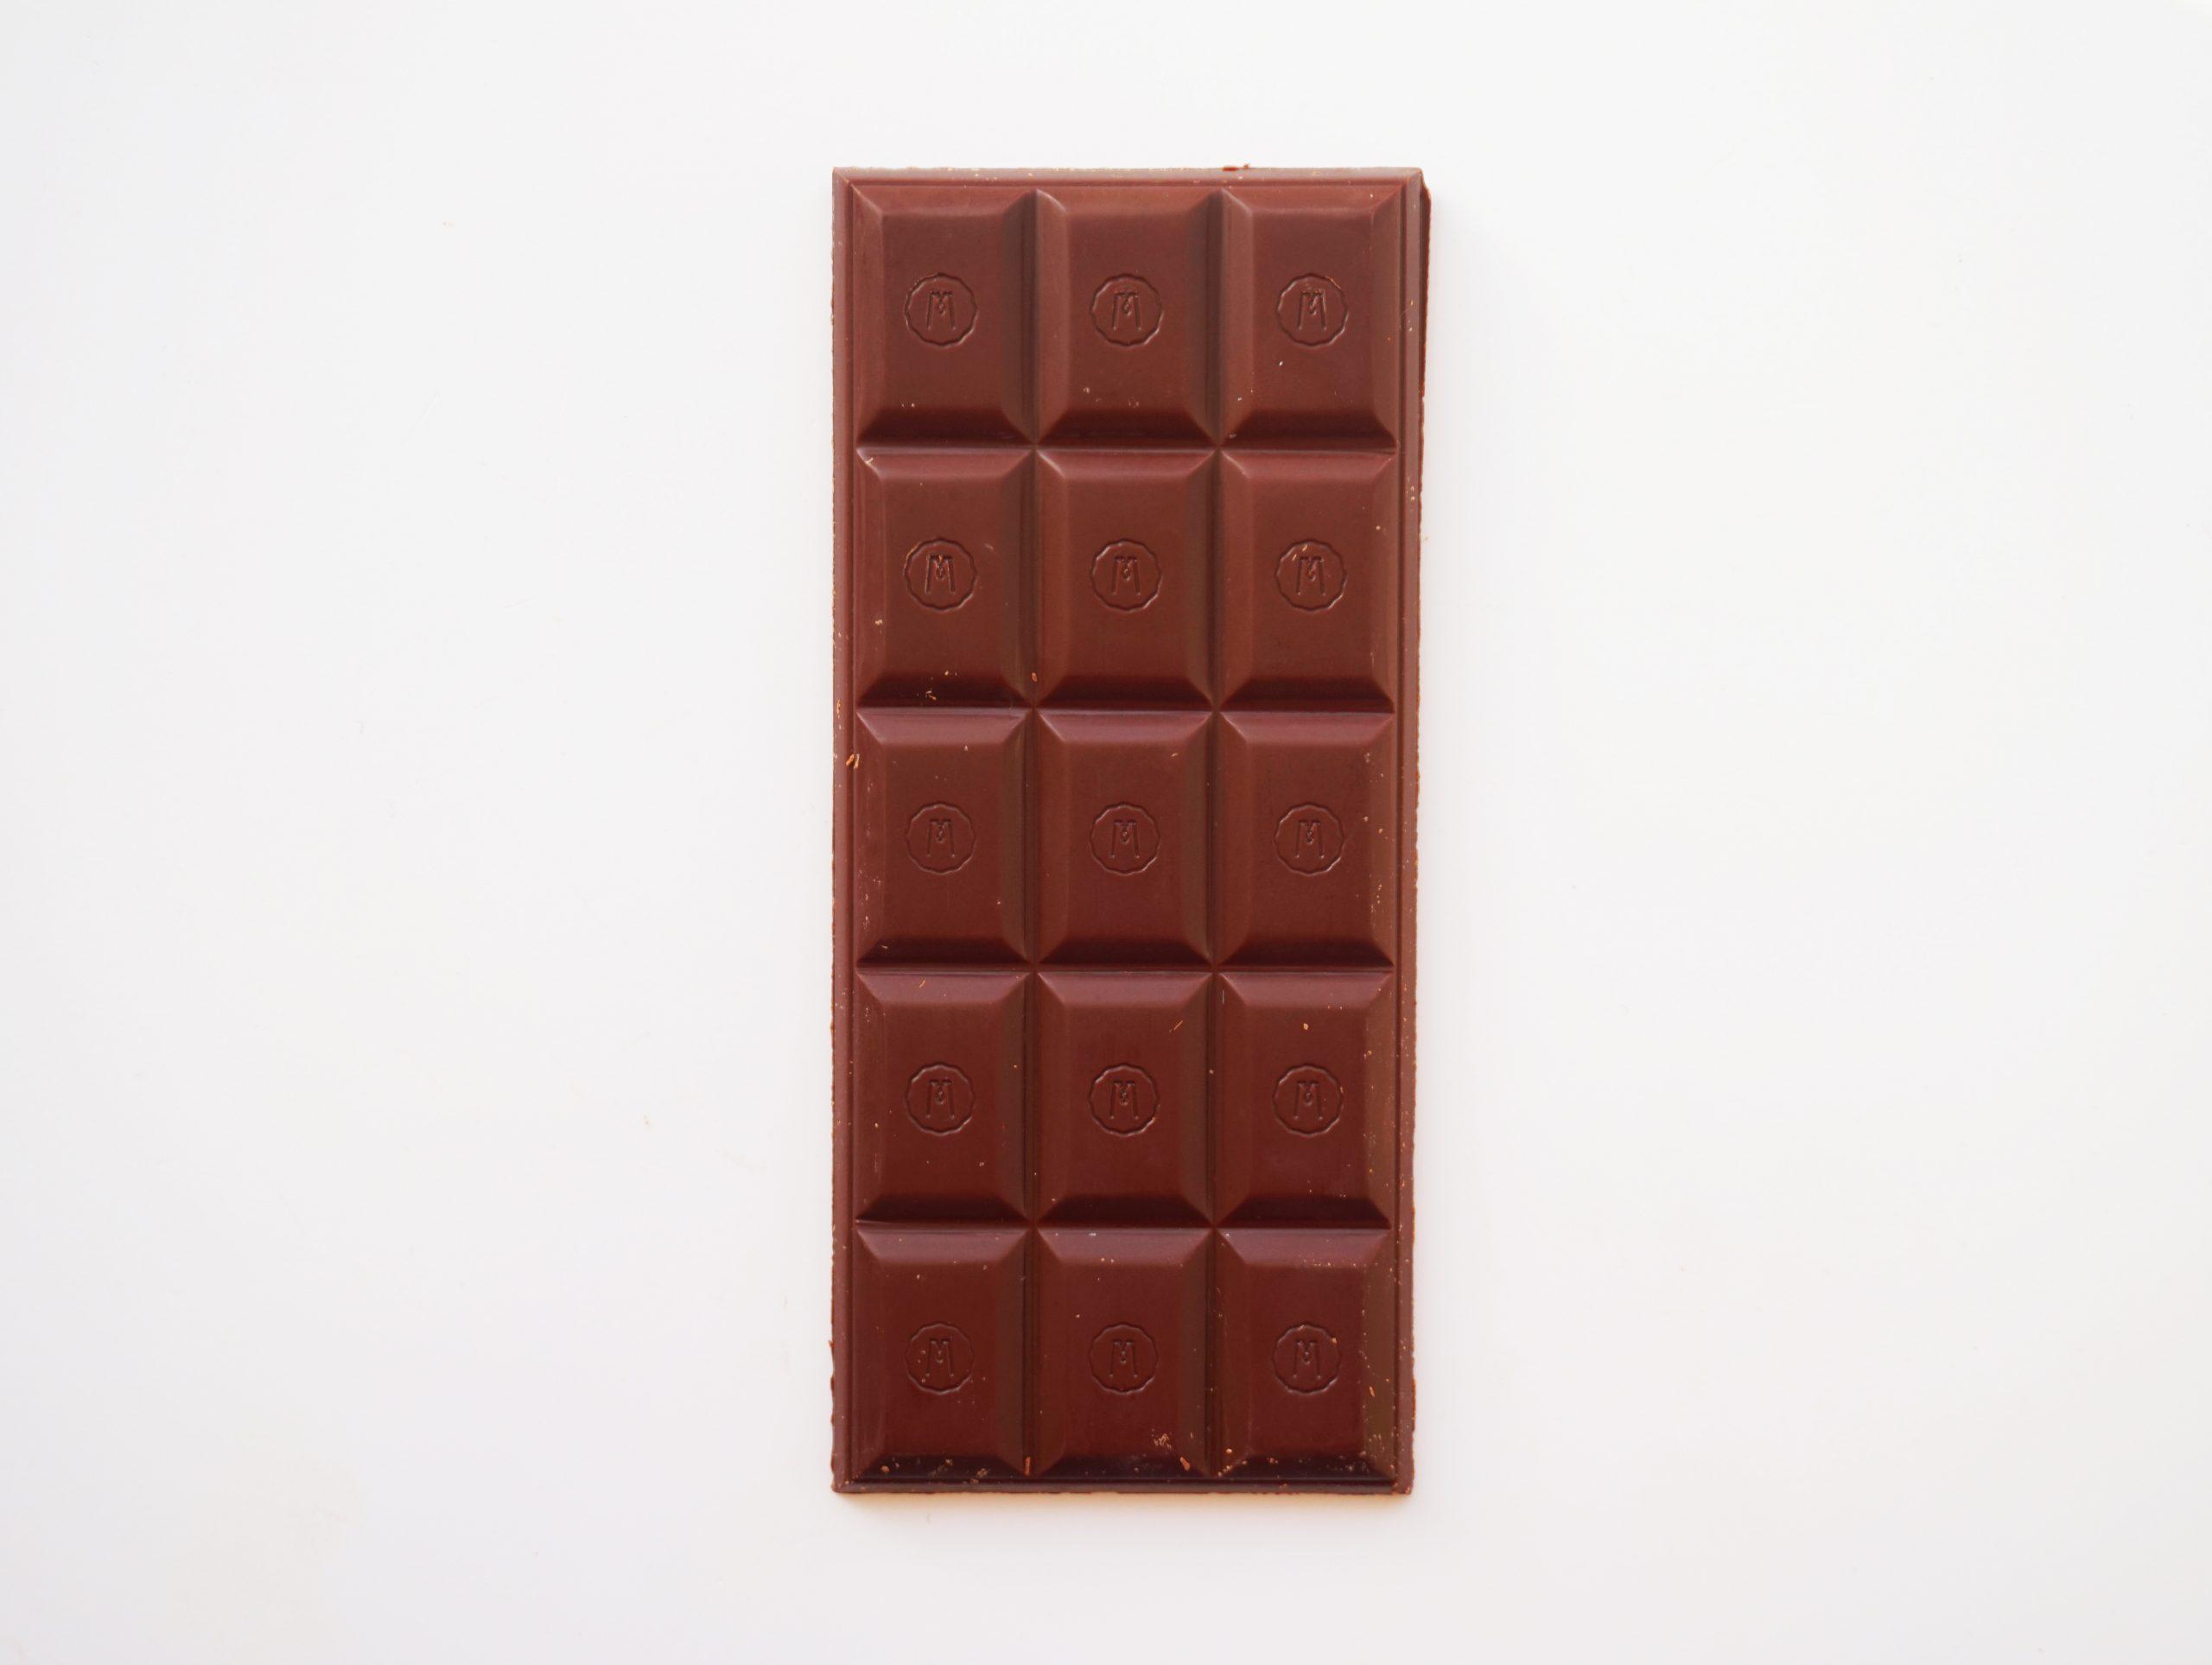 Tablette Chocolat Dessin avec Tablette Chocolat Dessin